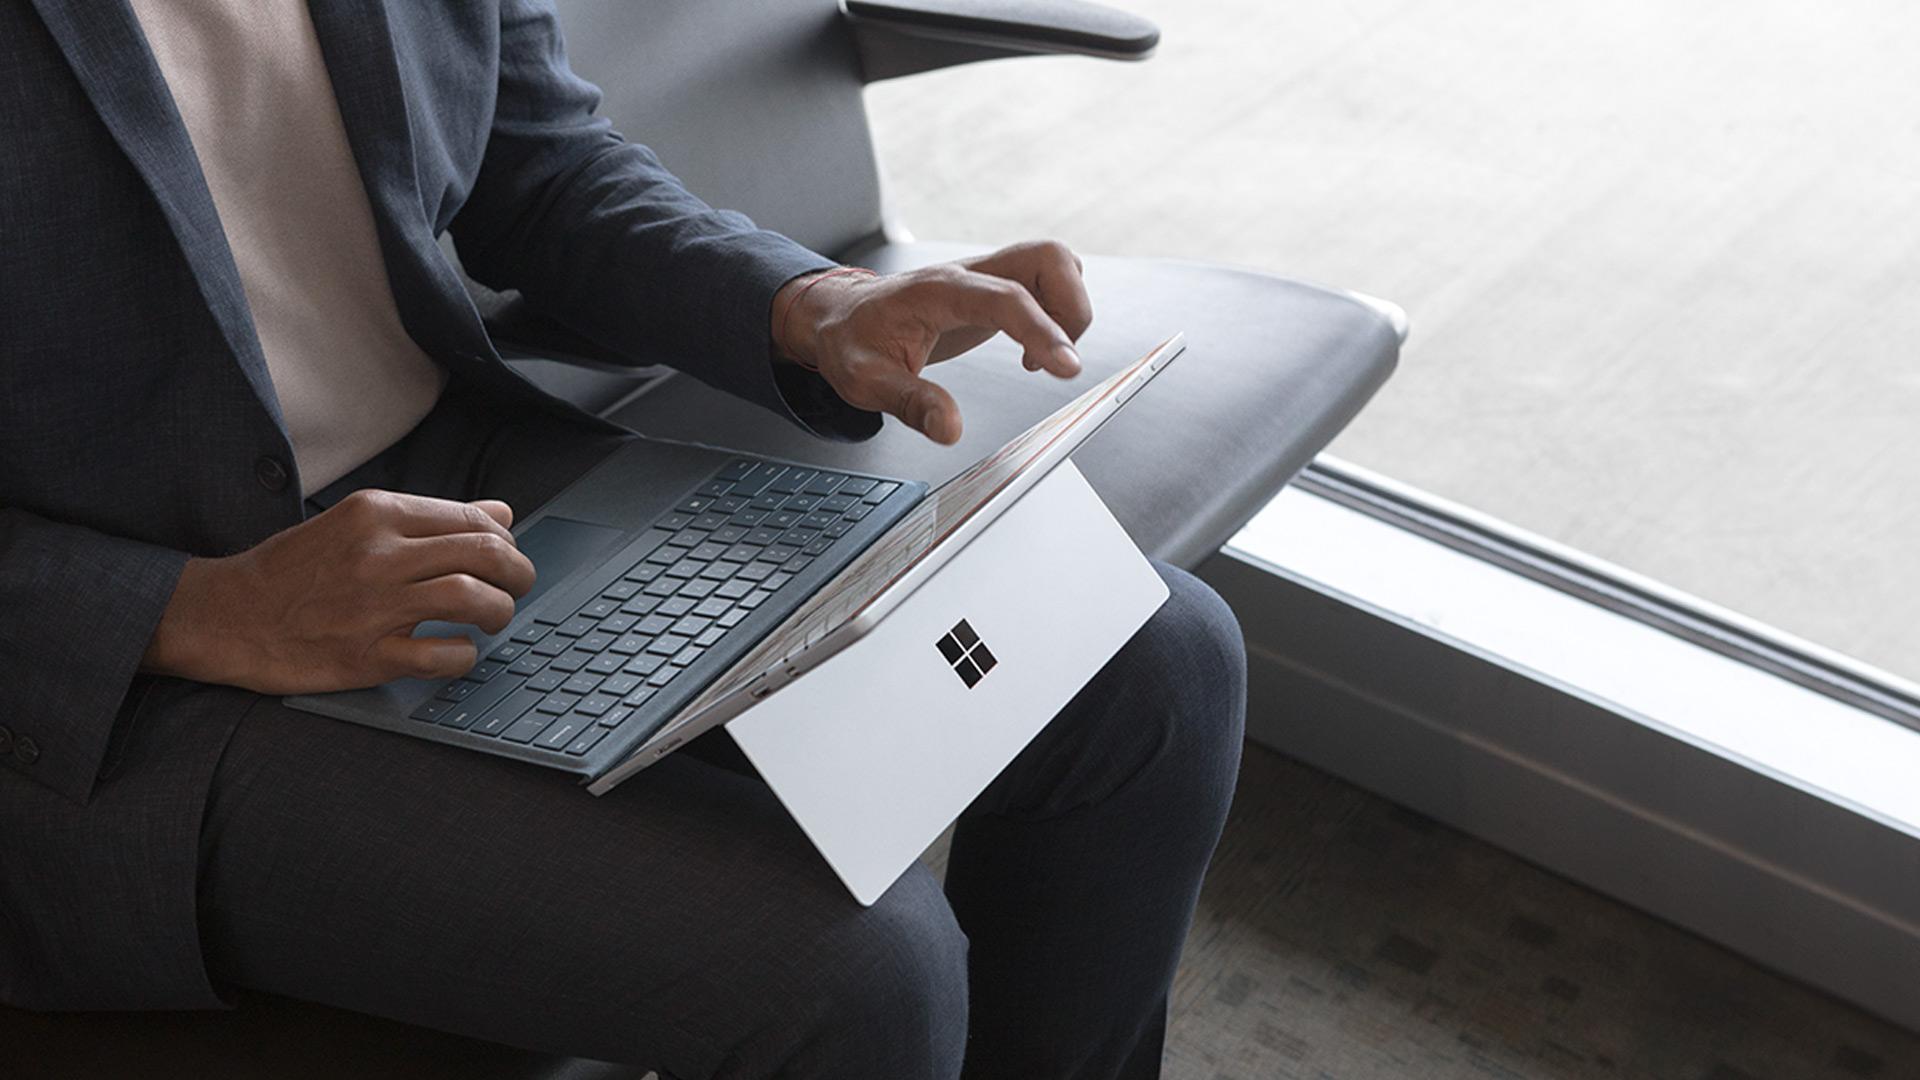 Eine Person arbeitet in einer Flughafenlounge mit einem Surface Pro auf dem Schoß